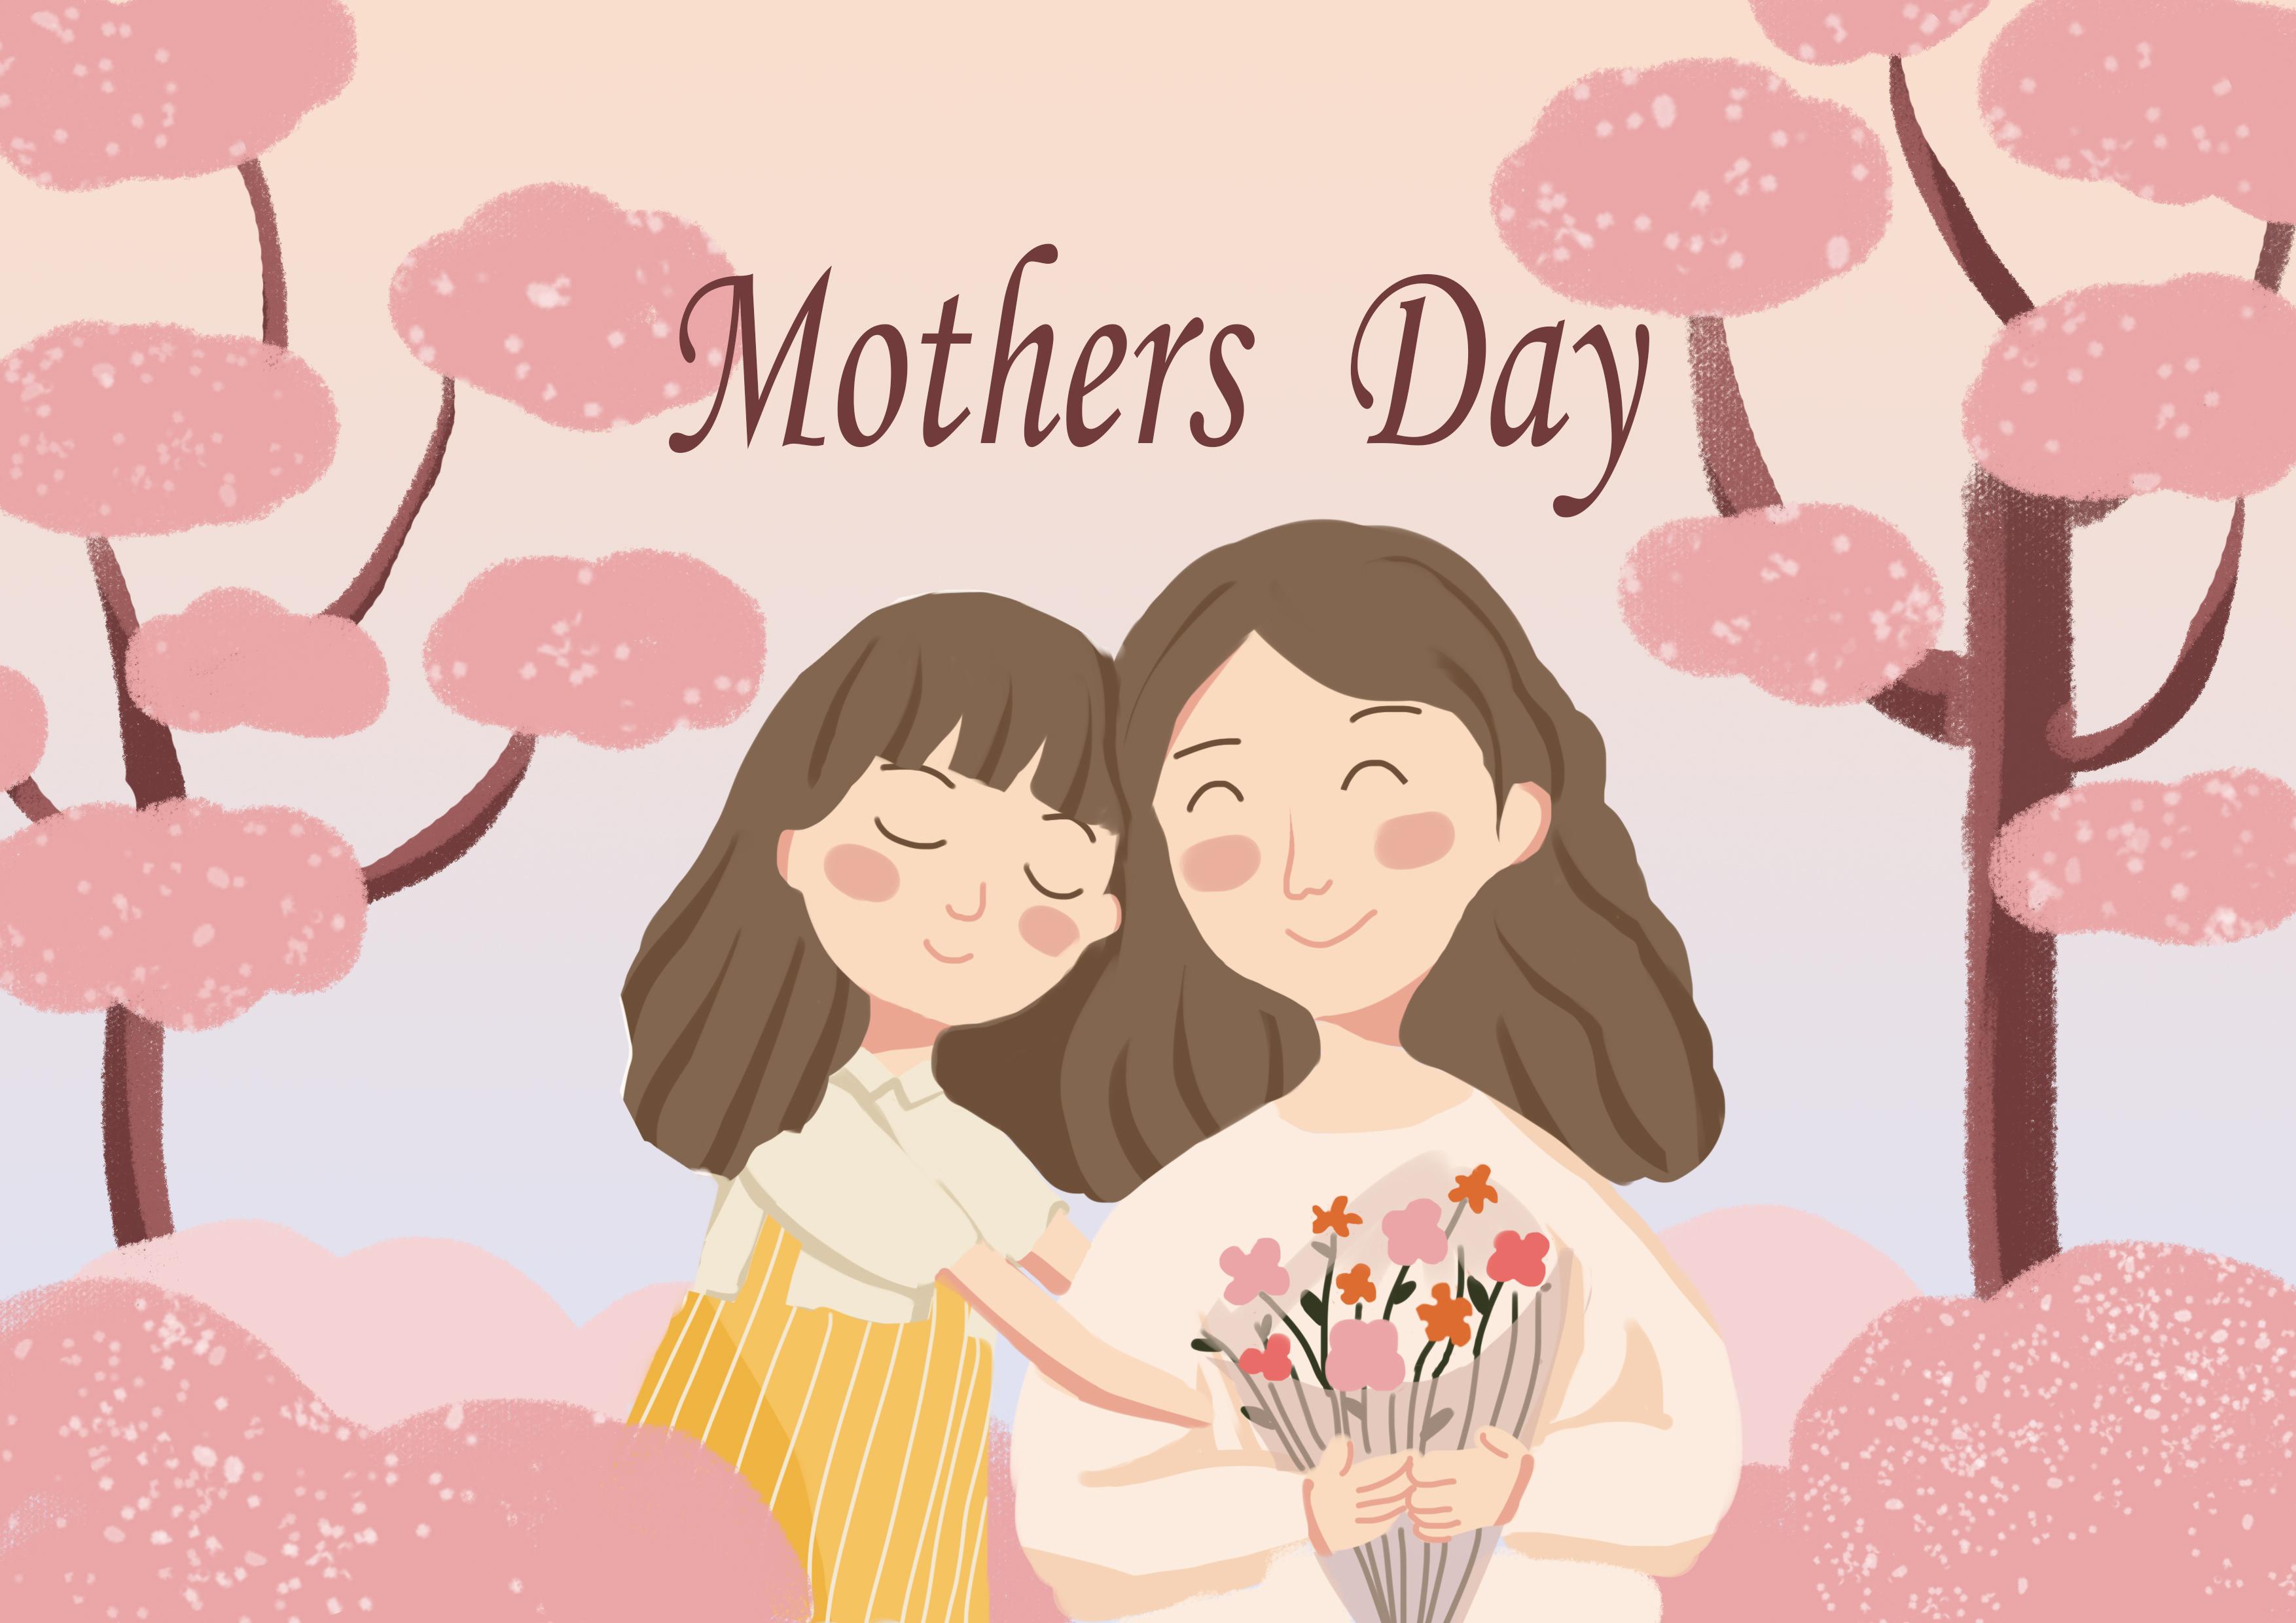 母亲节最走心的礼物是什么